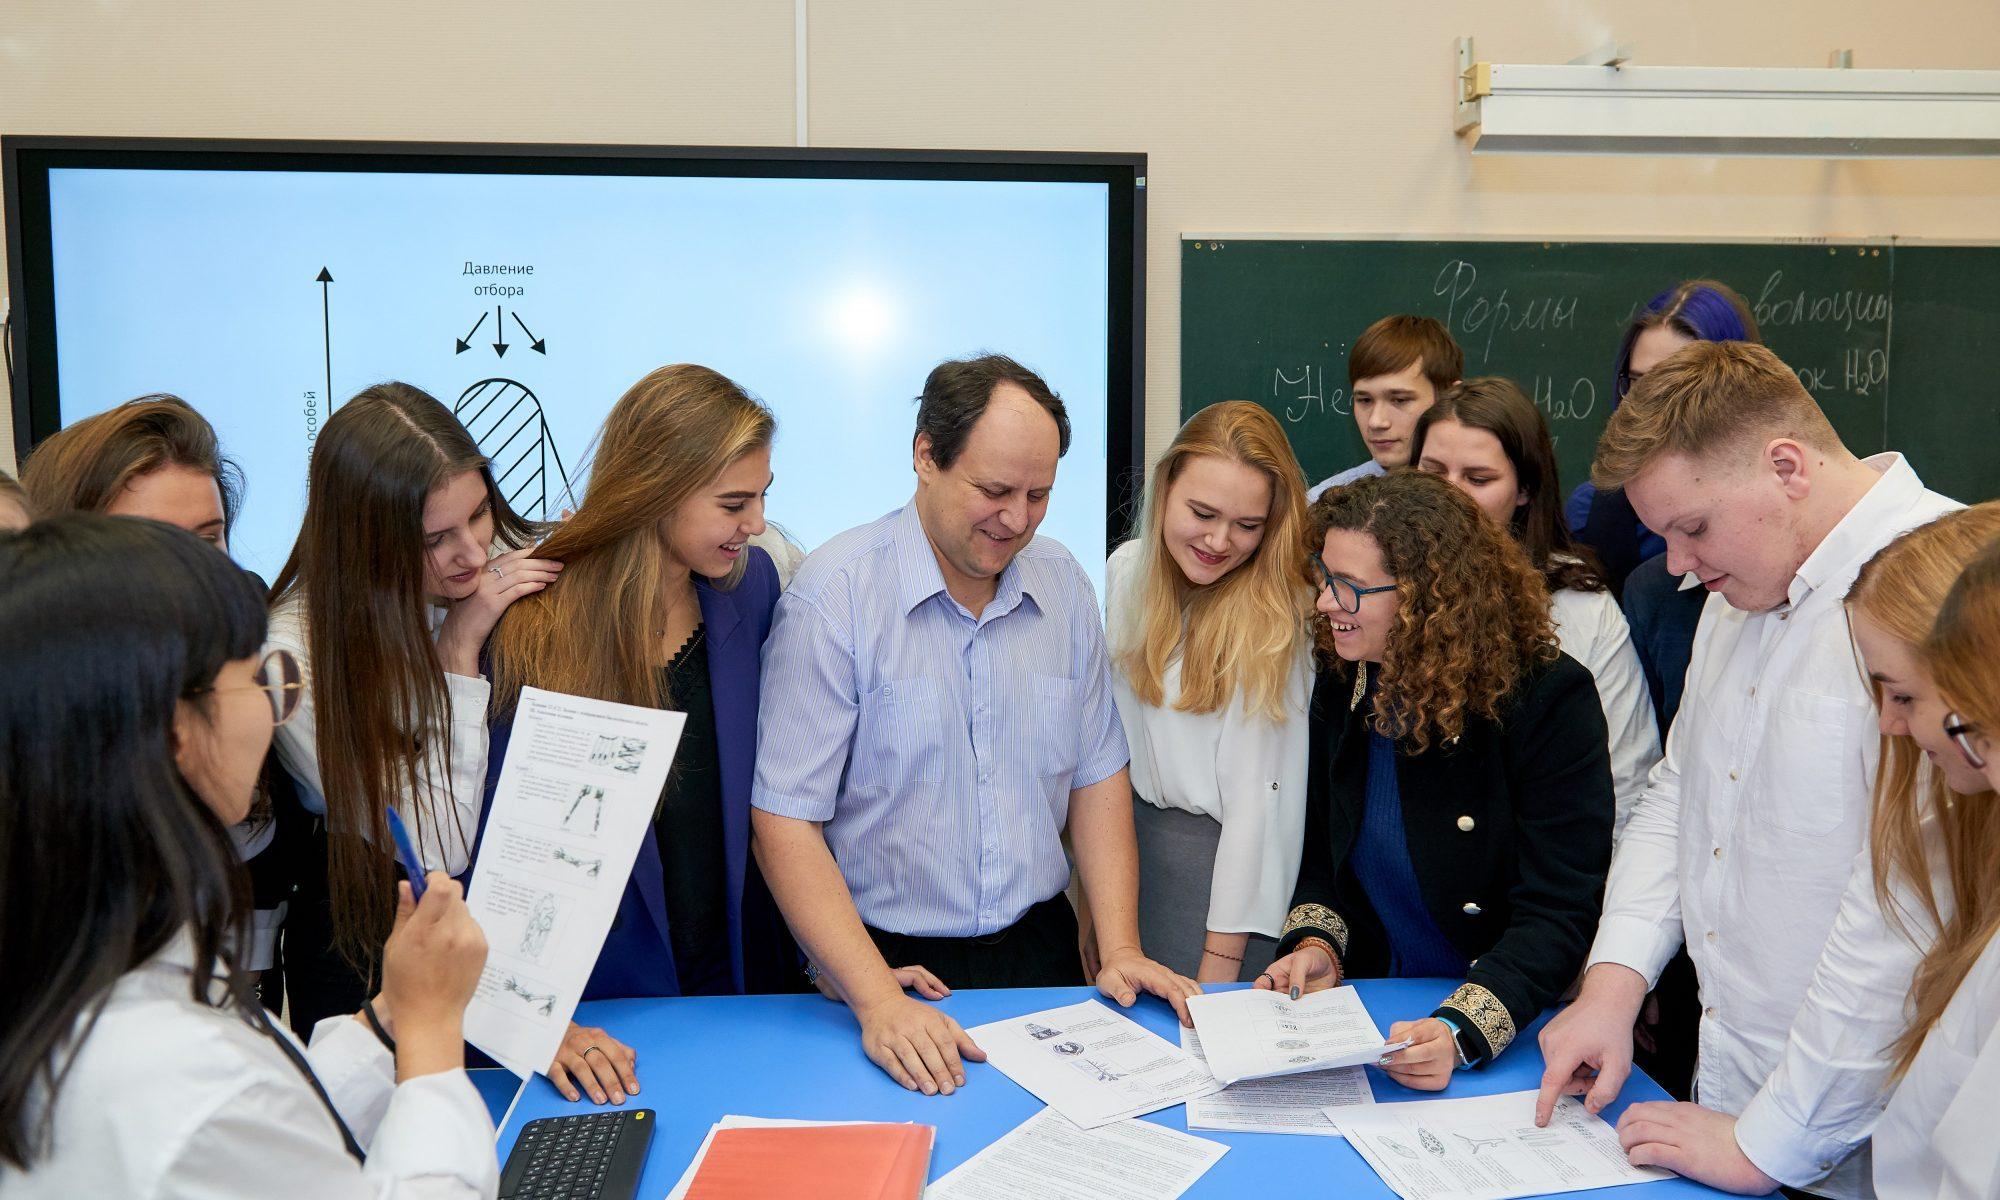 chlenov-ekspertnogo-pedagogicheskogo-soveta-minprosveshheniya-vyberut-po-itogam-otkrytogo-vsenarodnogo-golosovaniya